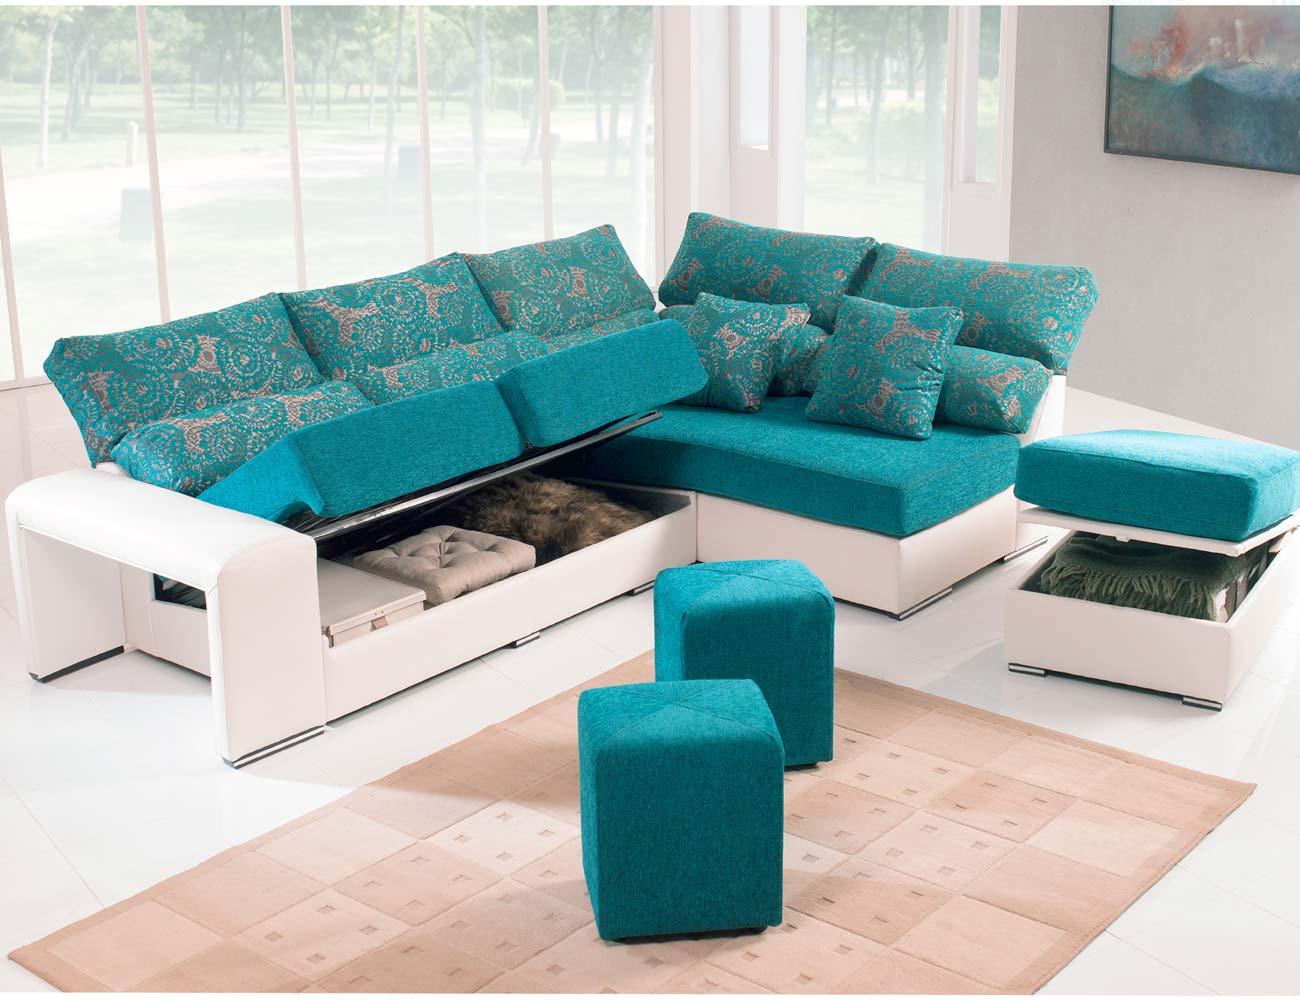 Sofa chaiselongue rincon puff arcon taburete26